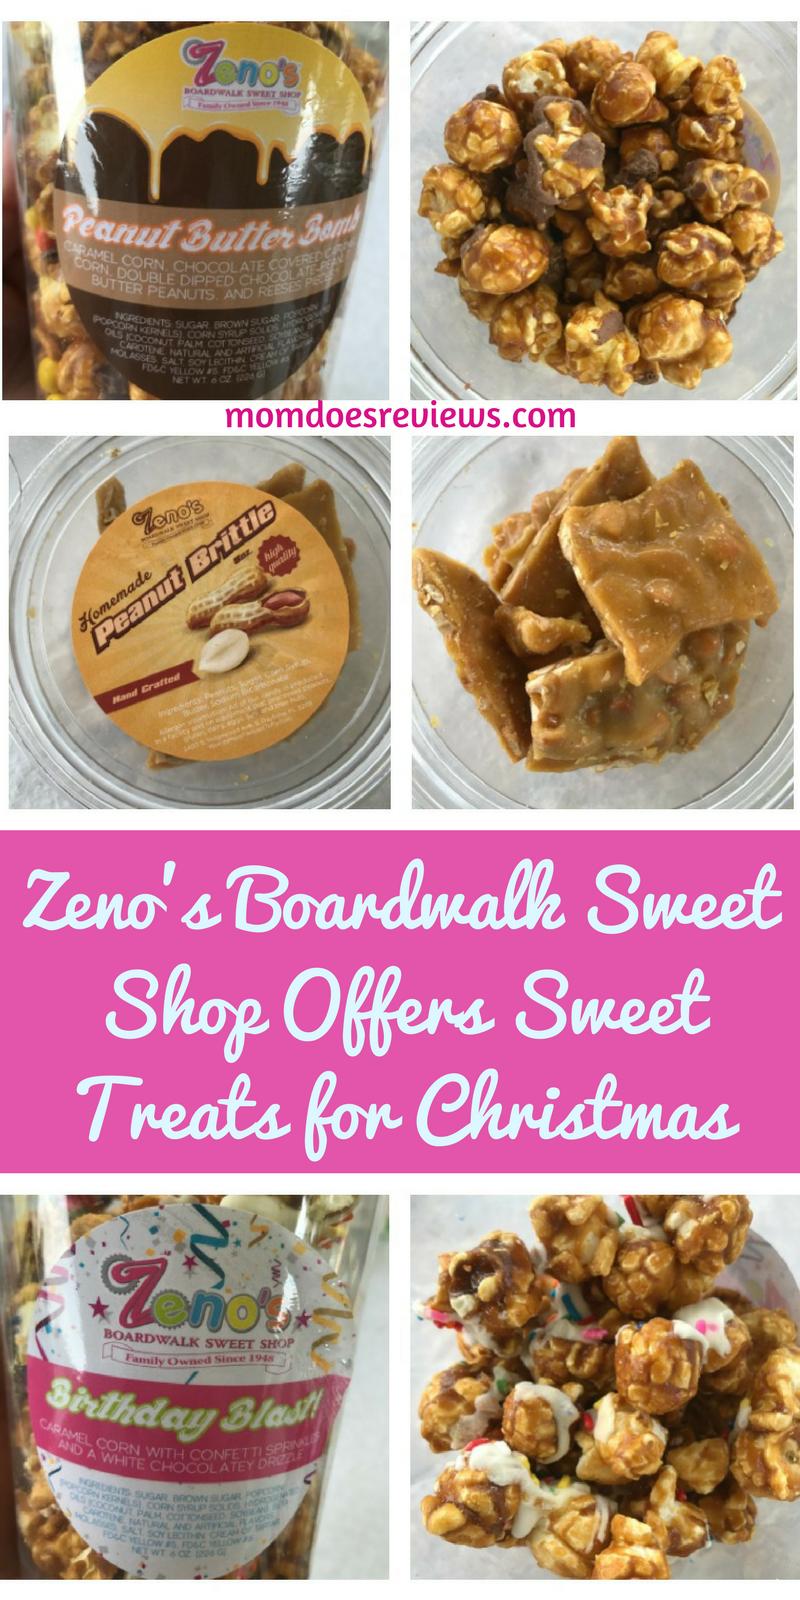 Zeno's Boardwalk Sweet Shop Offers Sweet Treats for Christmas